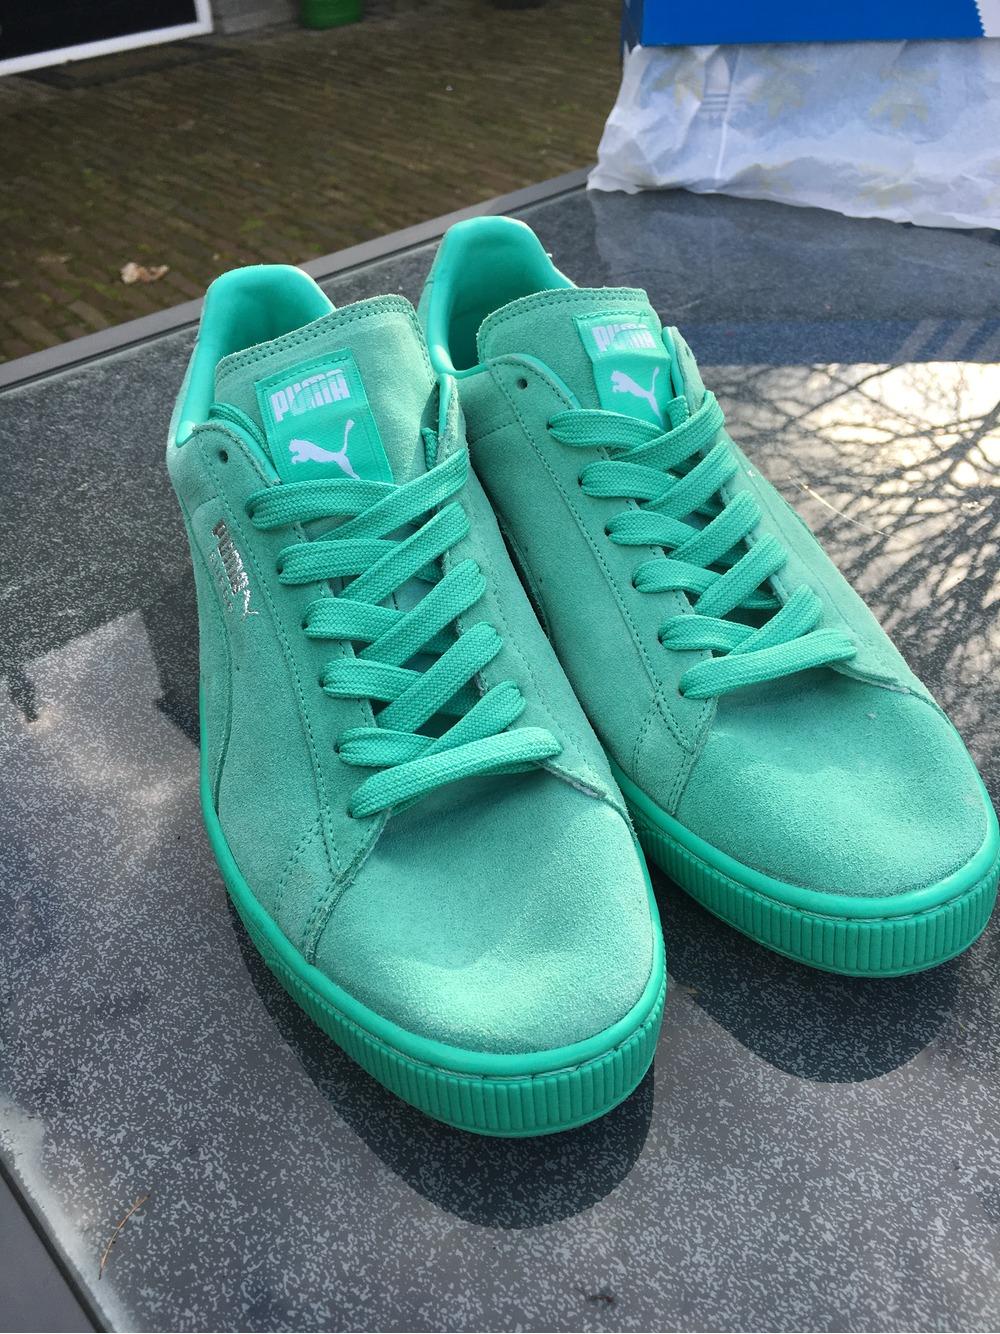 puma suede classic mint green